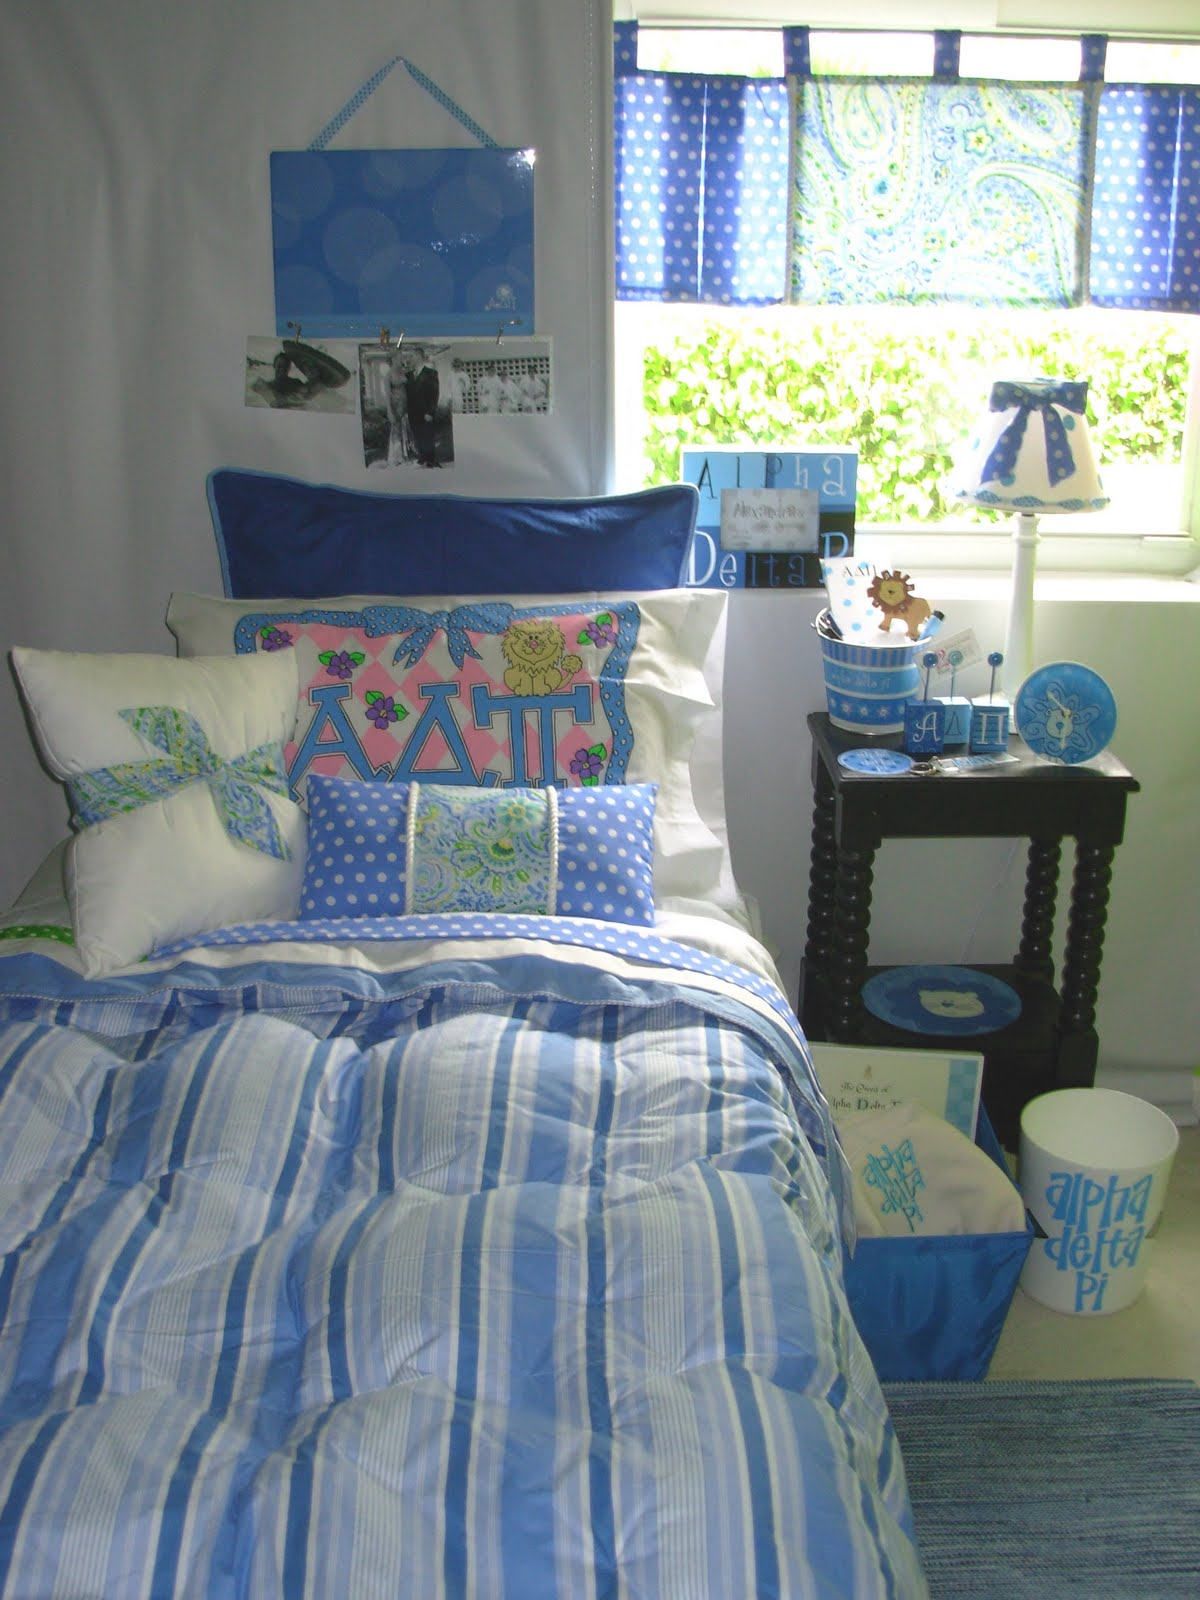 Room Decor: Decor 2 Ur Door: Alpha Delta Pi Sorority Dorm Bedding And